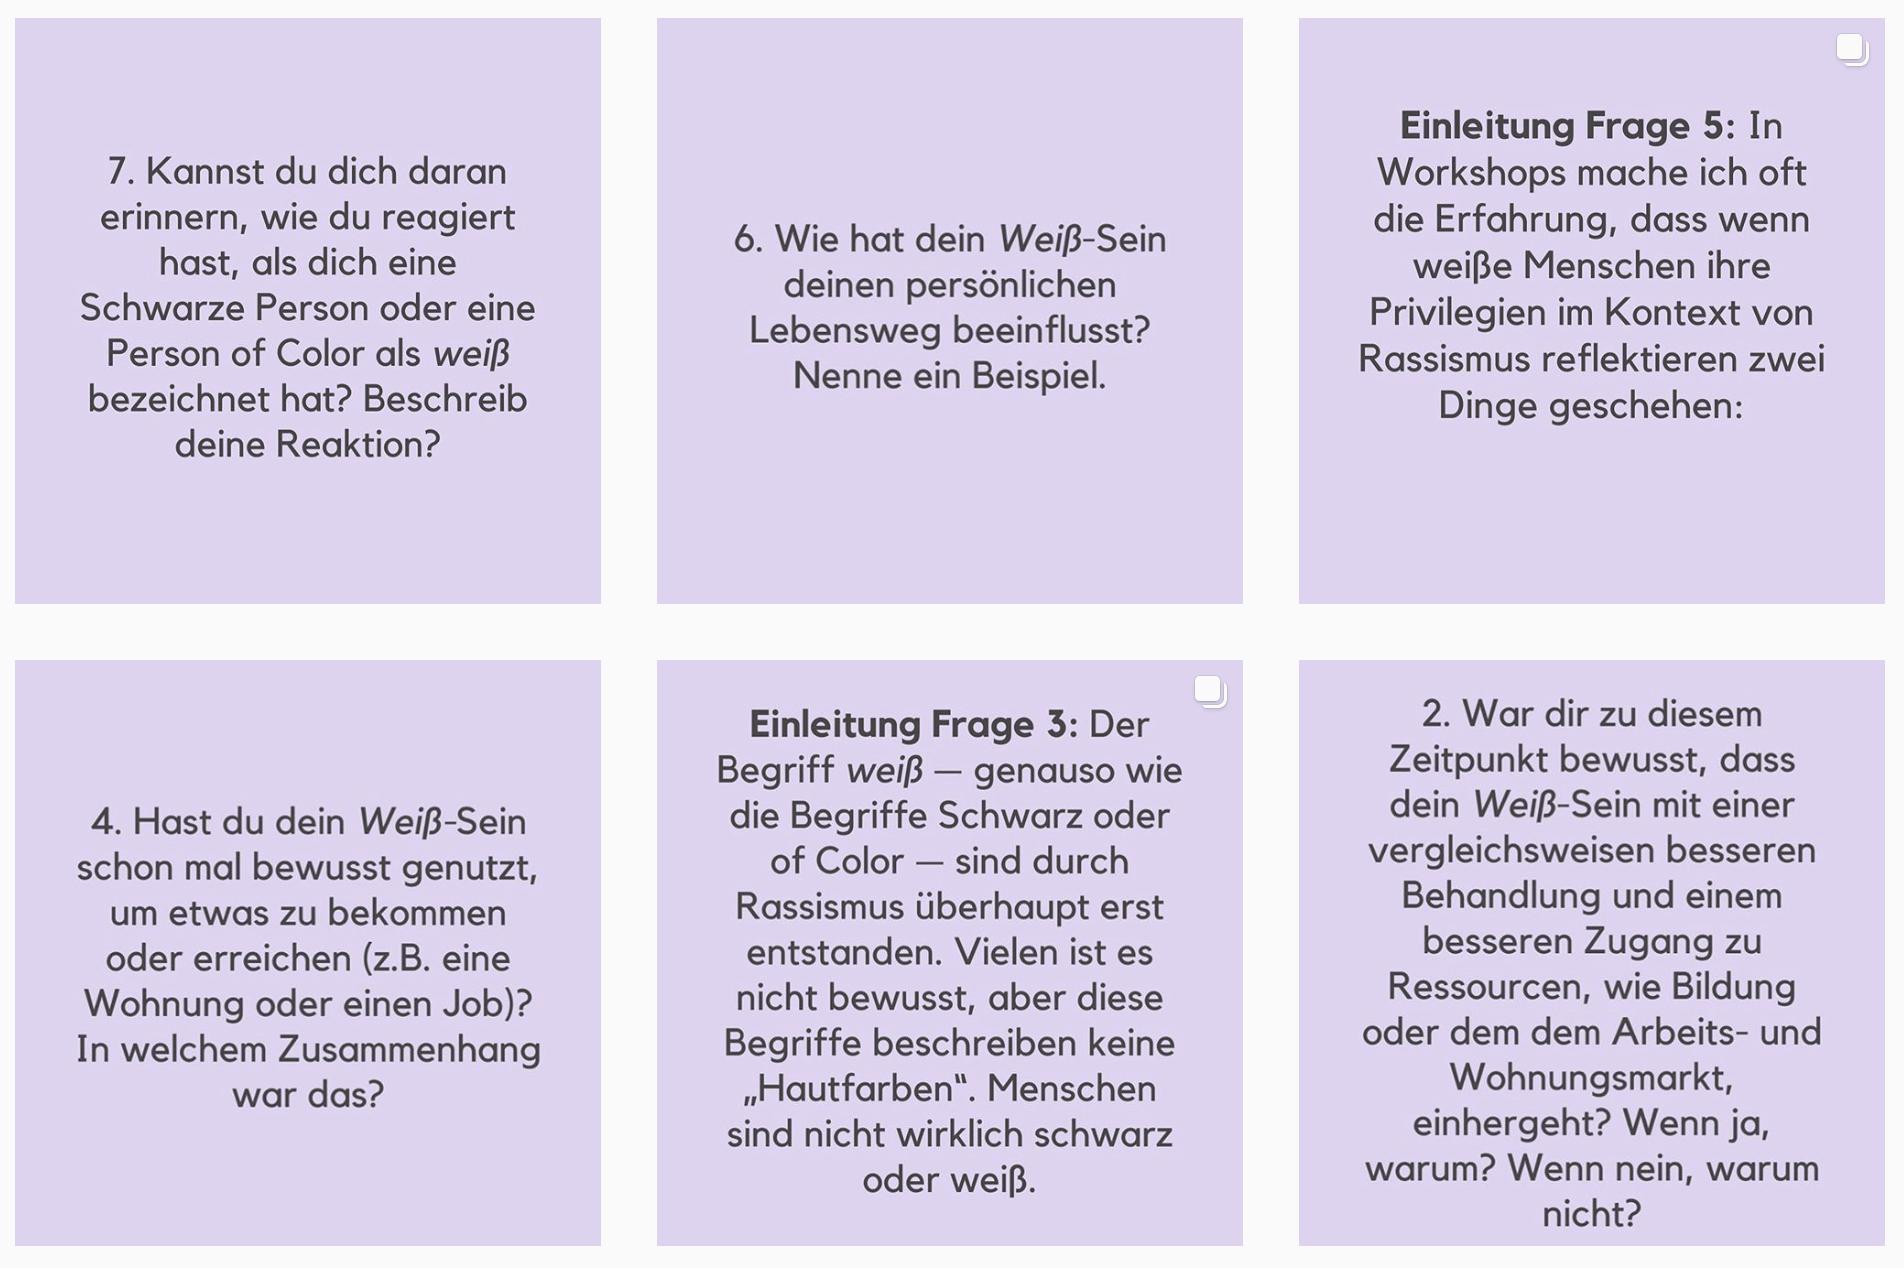 Kritische Weißheiten, Weiß-Sein, Weiß Rassismus, Rassismus in Deutschland, Instagram-Challenge Rassismus, Rassismus Reflexion, Reflexion über Rassismus